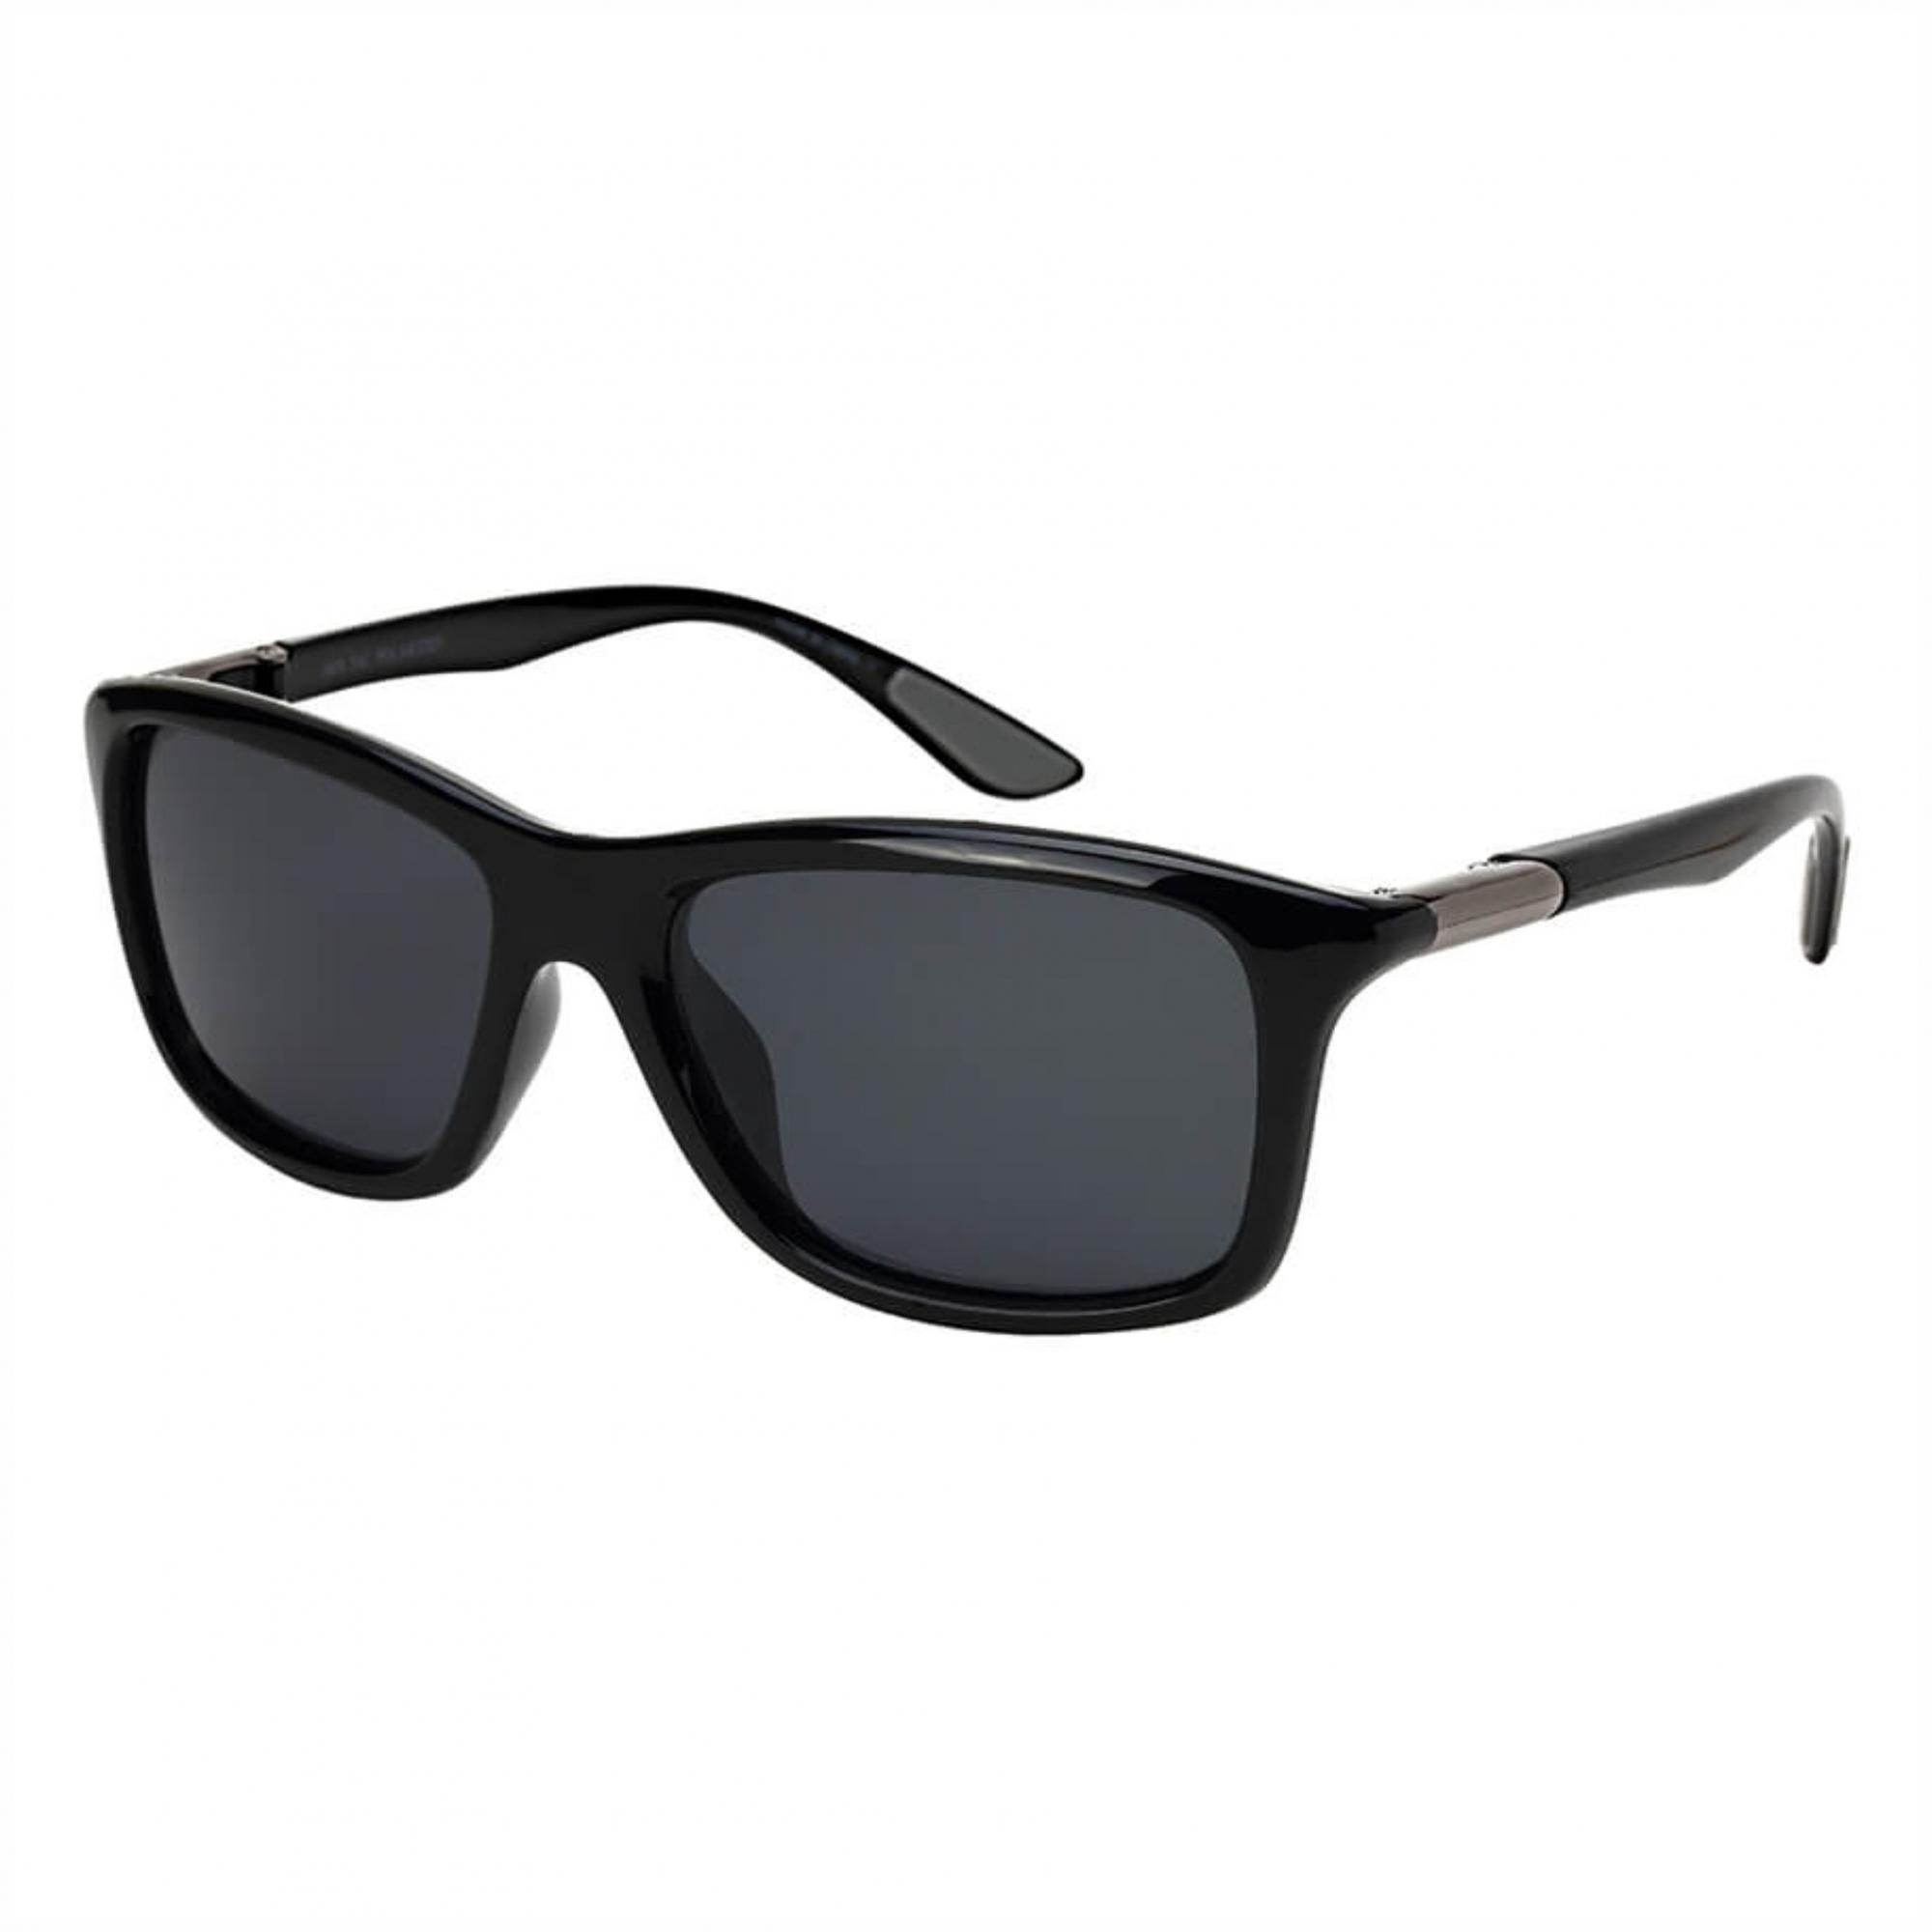 Óculos de Sol Polarizado Express Traíra Preto